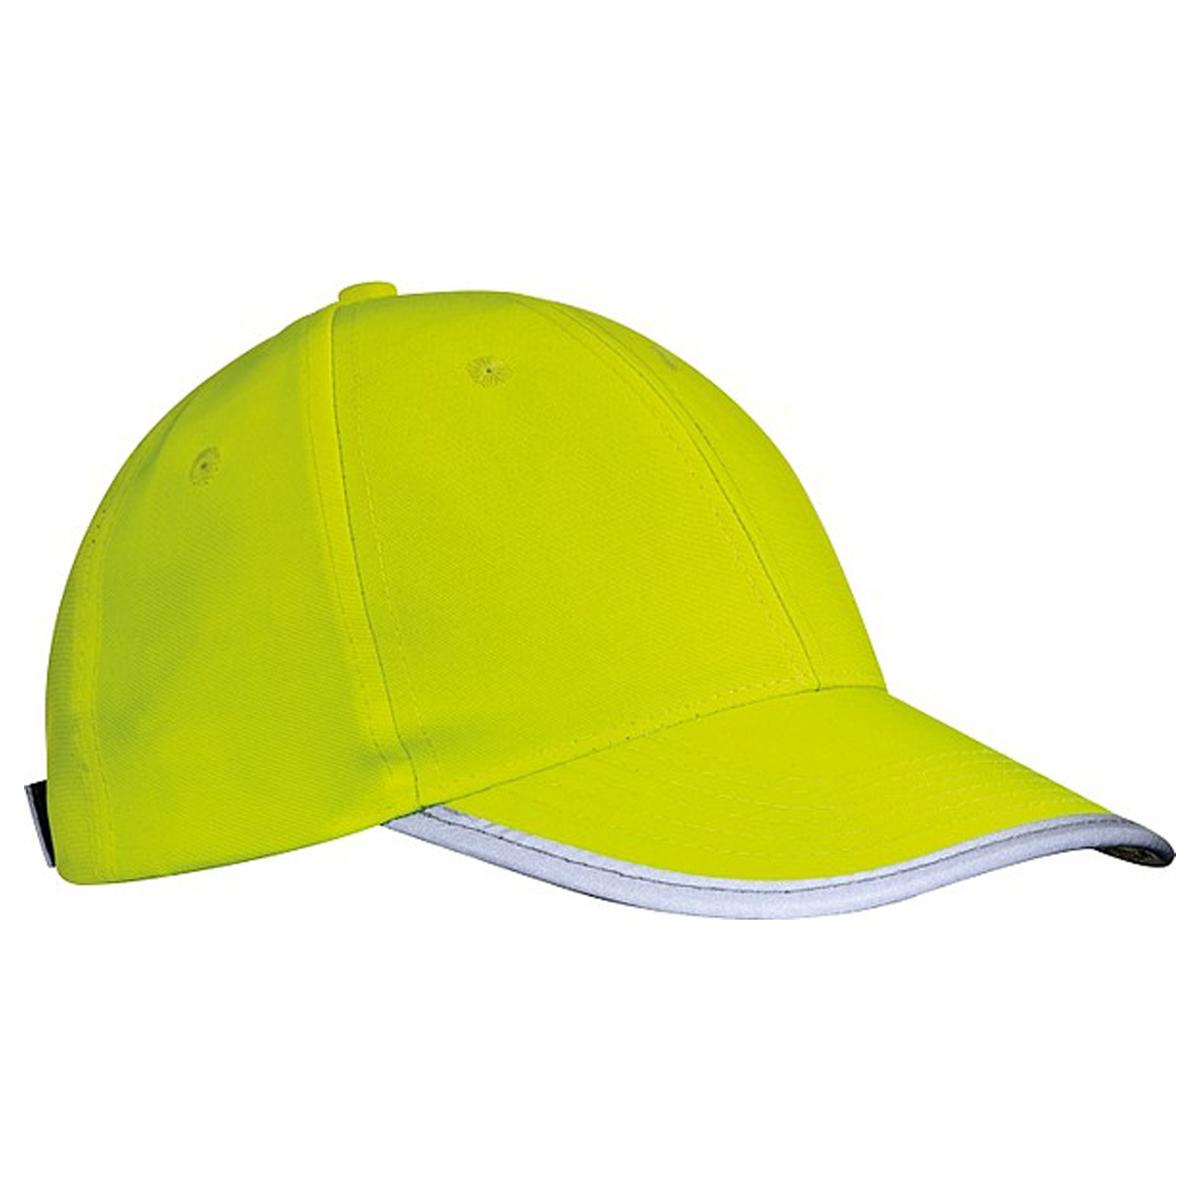 Reflexní kšiltovky čepice a šátky - Altima.cz 223b52fa56